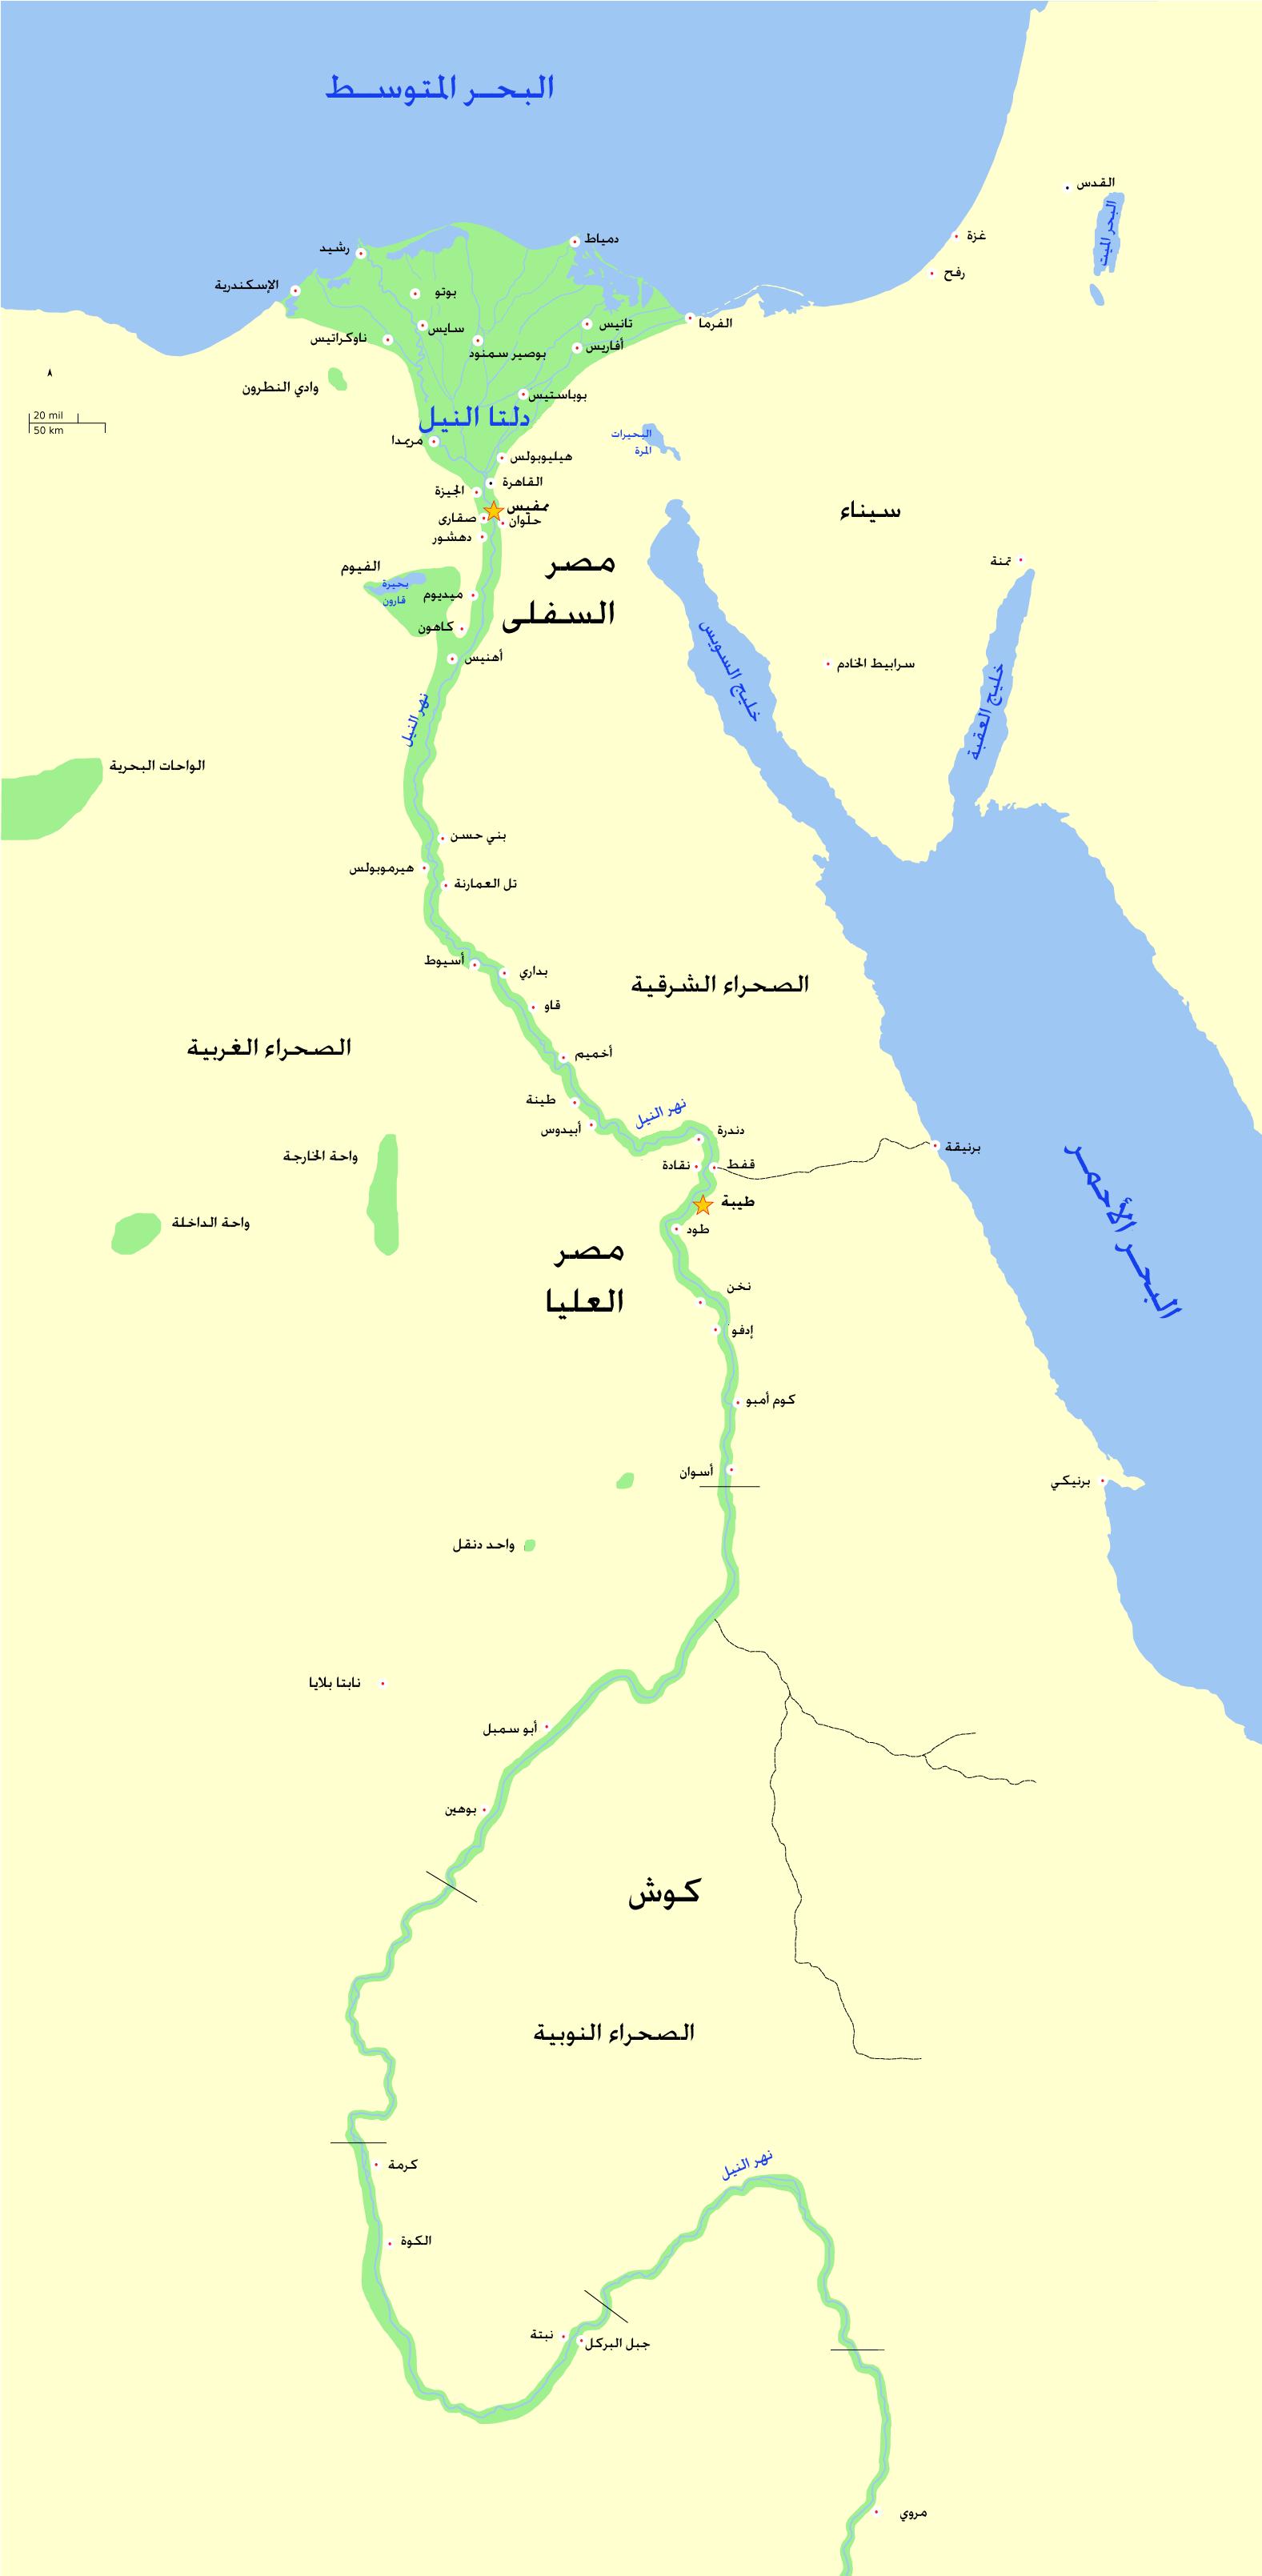 صعيد مصر ويكيبيديا